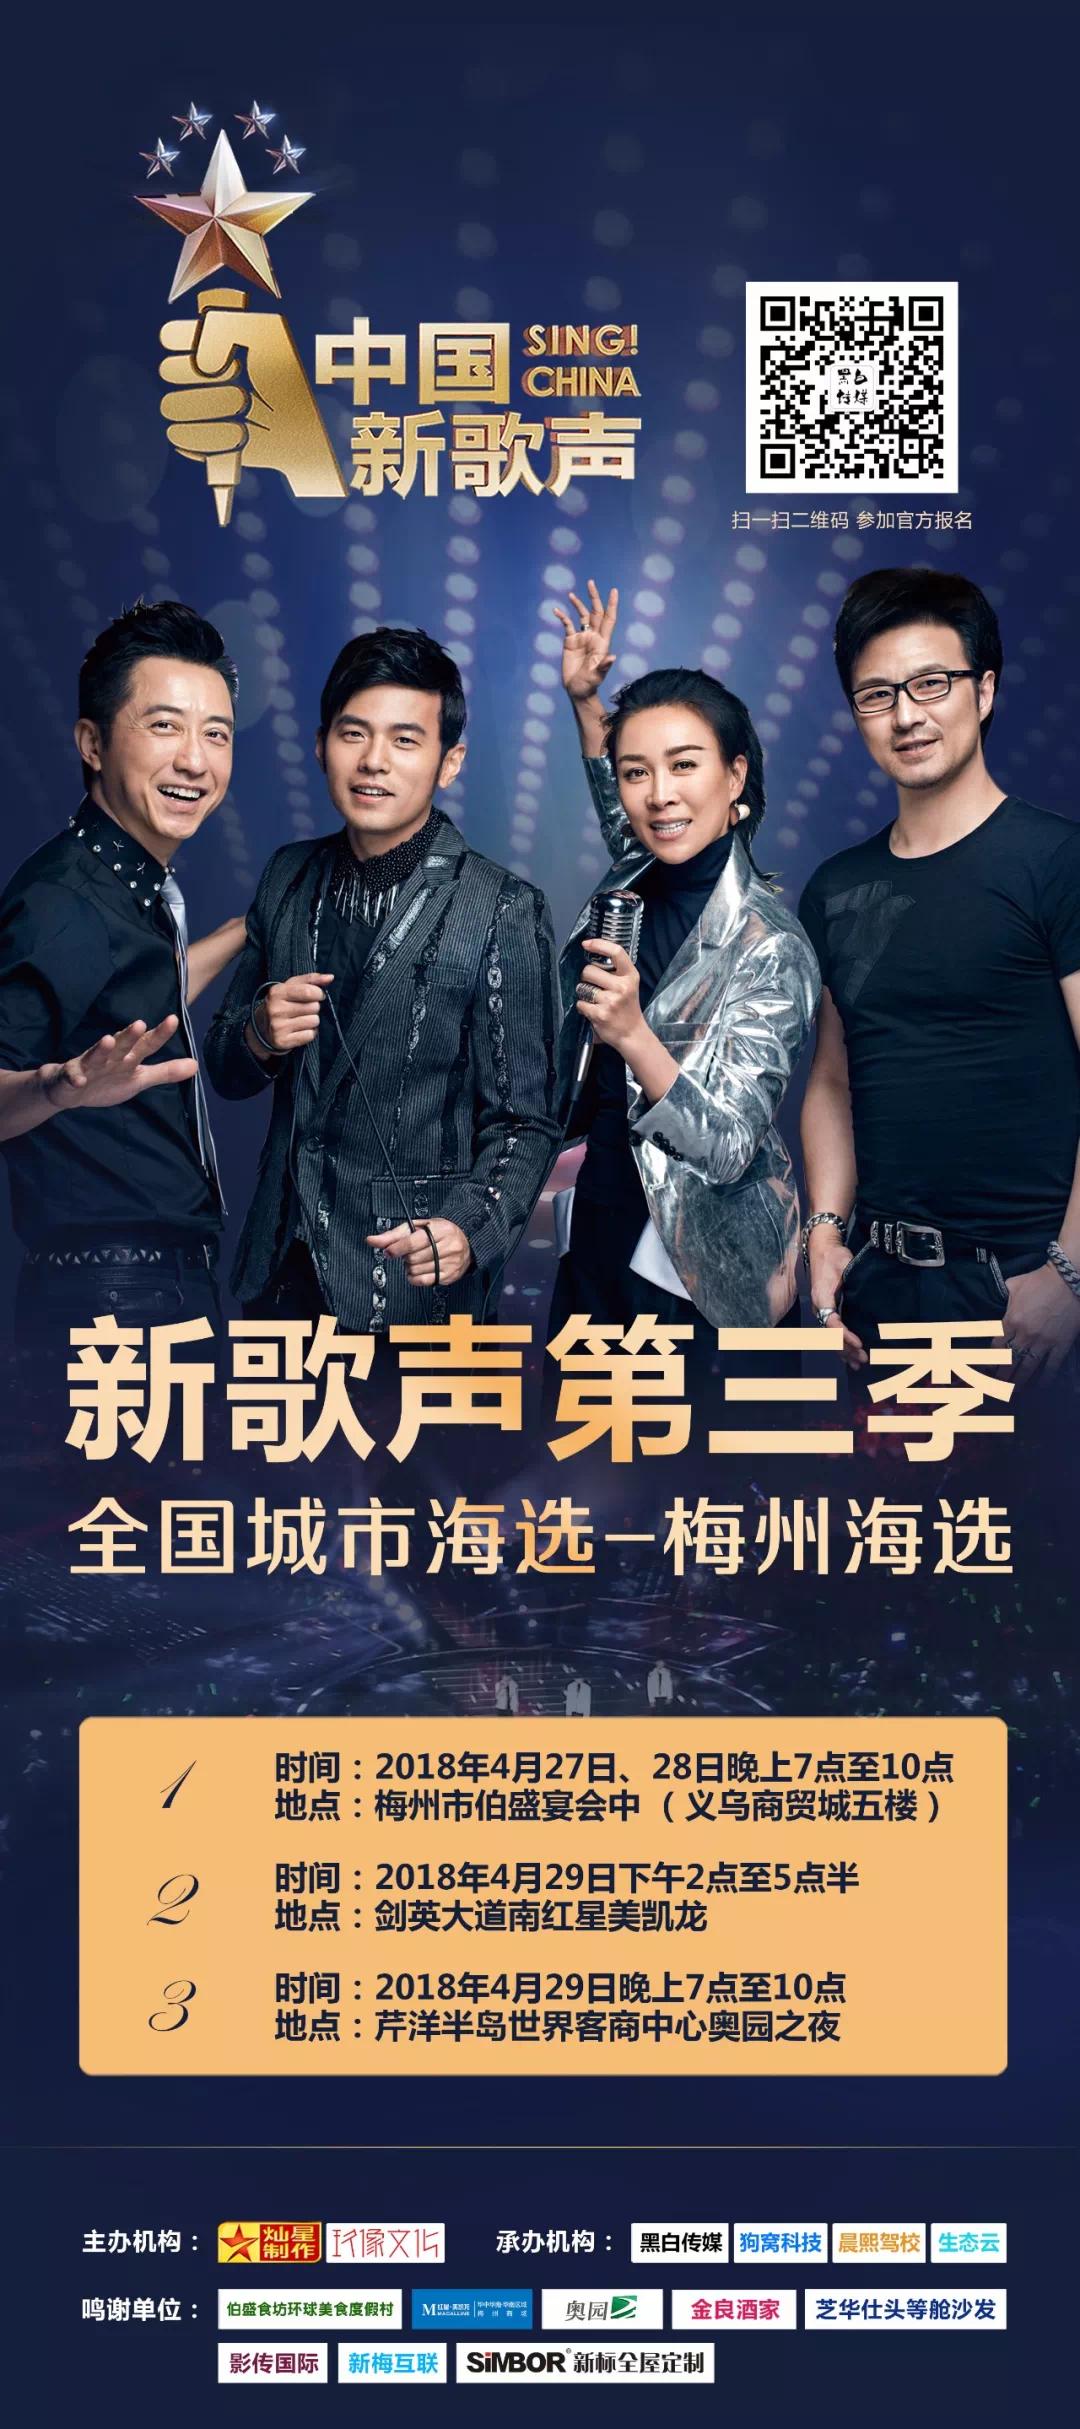 第三季中国新歌声海选大赛强势来袭!4月29日晚上7点,梅州赛